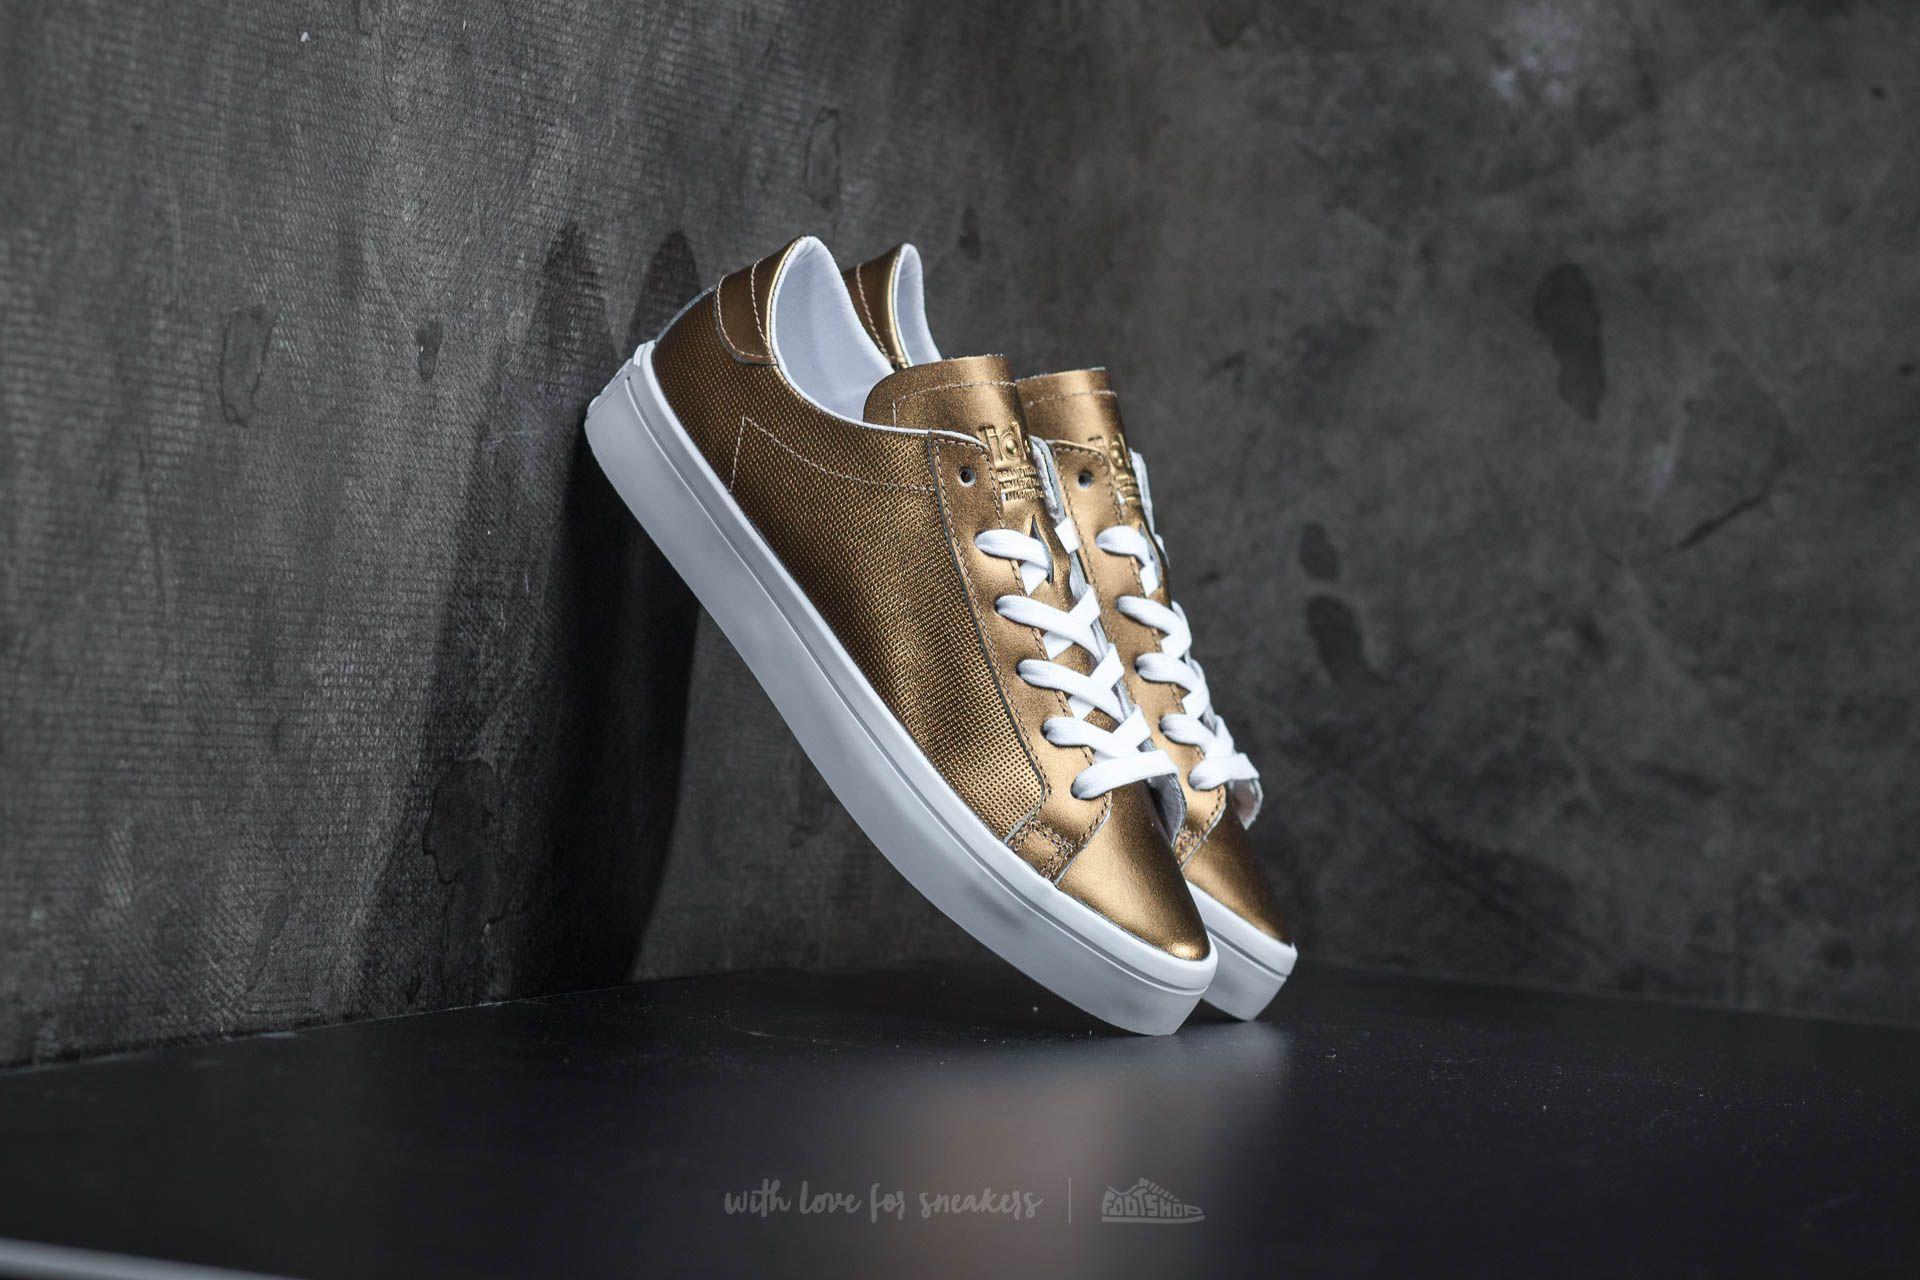 W Vantage Metallic Court Adidas Ftw WhiteFootshop Copper gbyfY76